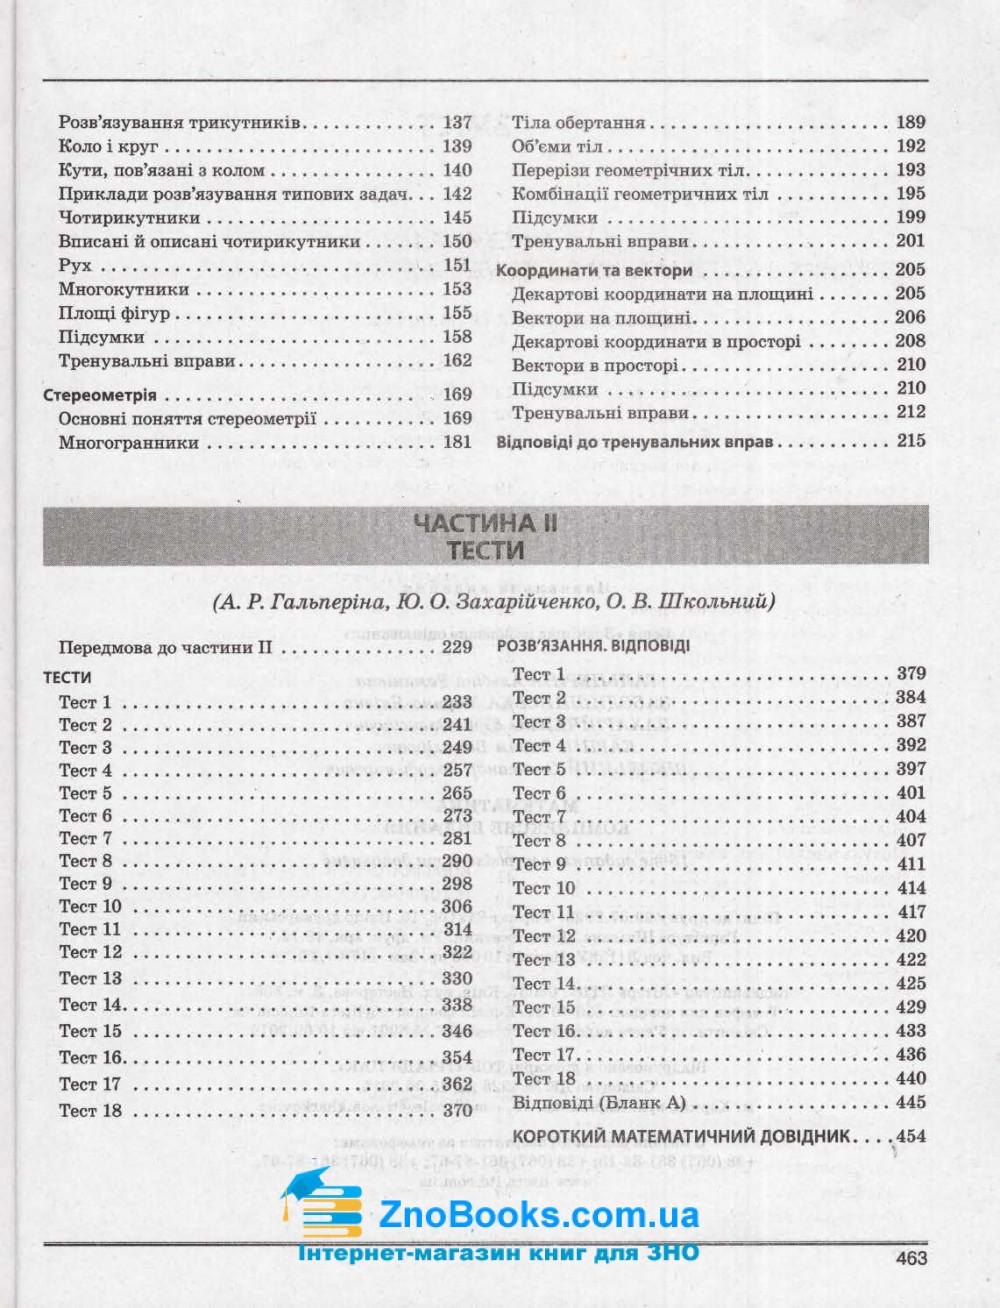 ЗНО 2021 Математика. Комплексне видання + ДПА : Гальперіна А., Забєлишинська М. Літера. купити 12